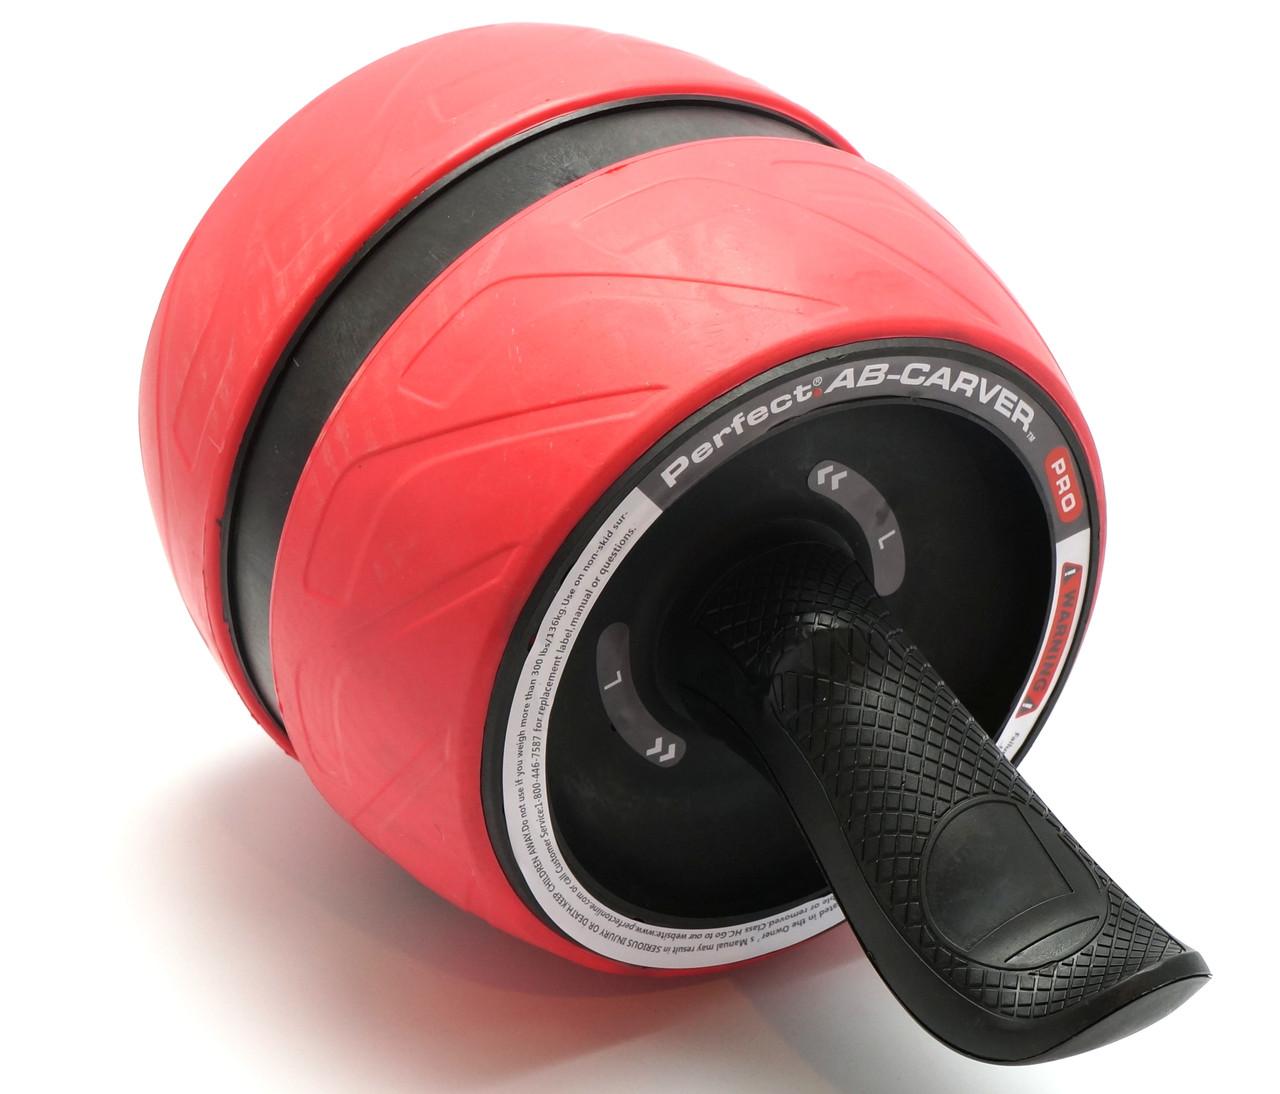 Колесо для мышц пресса (MS 2209-1) Красное, широкое с возвратным механизмом.